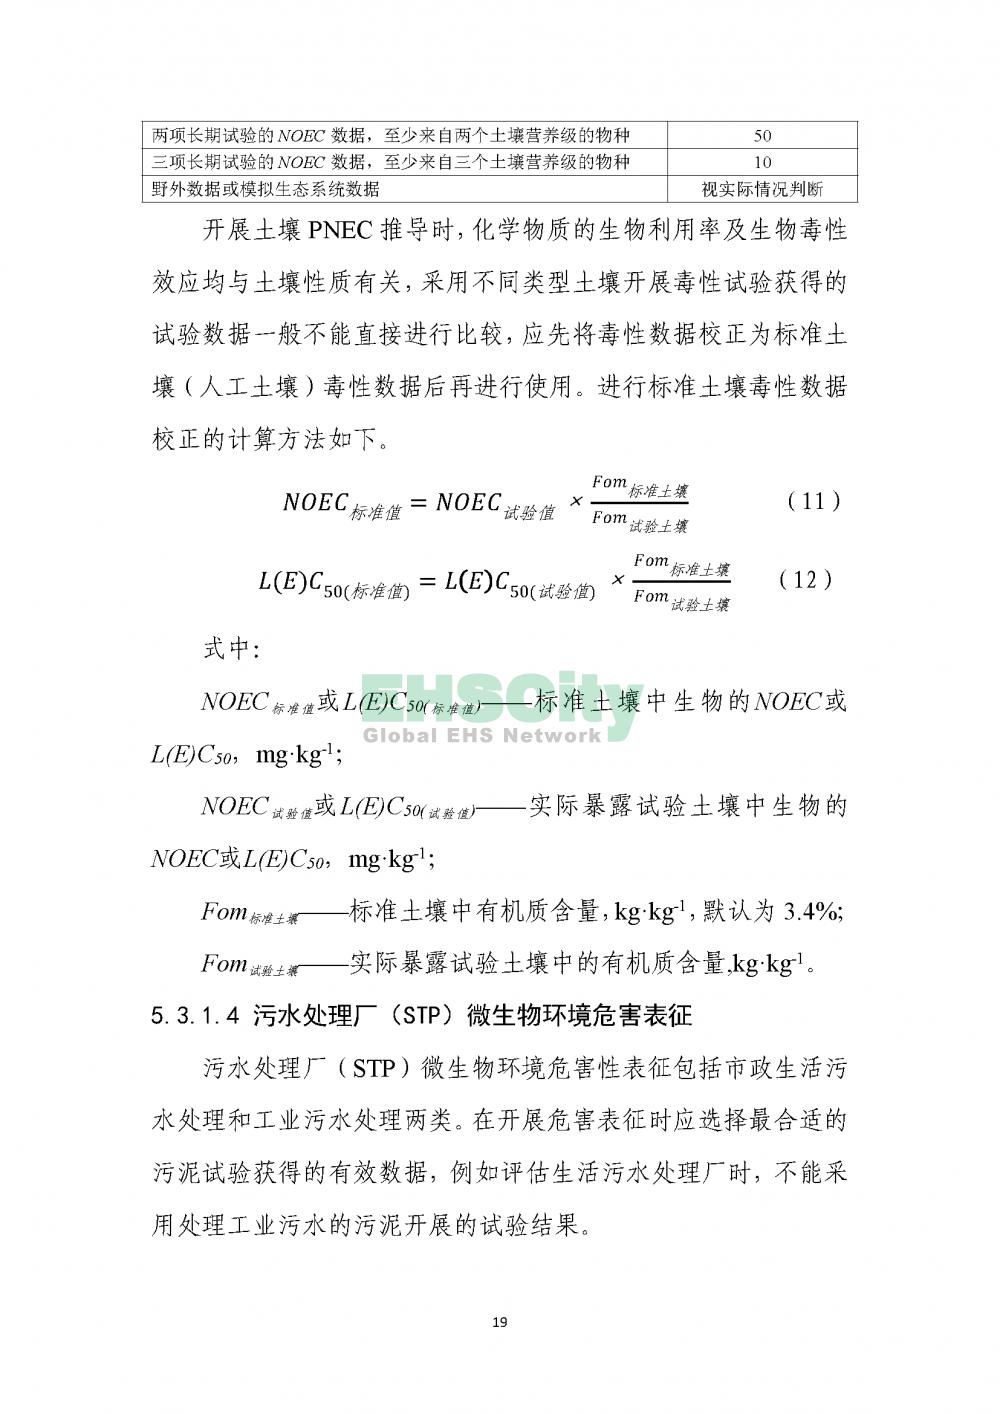 1化学物质环境与健康危害评估技术导则_页面_21